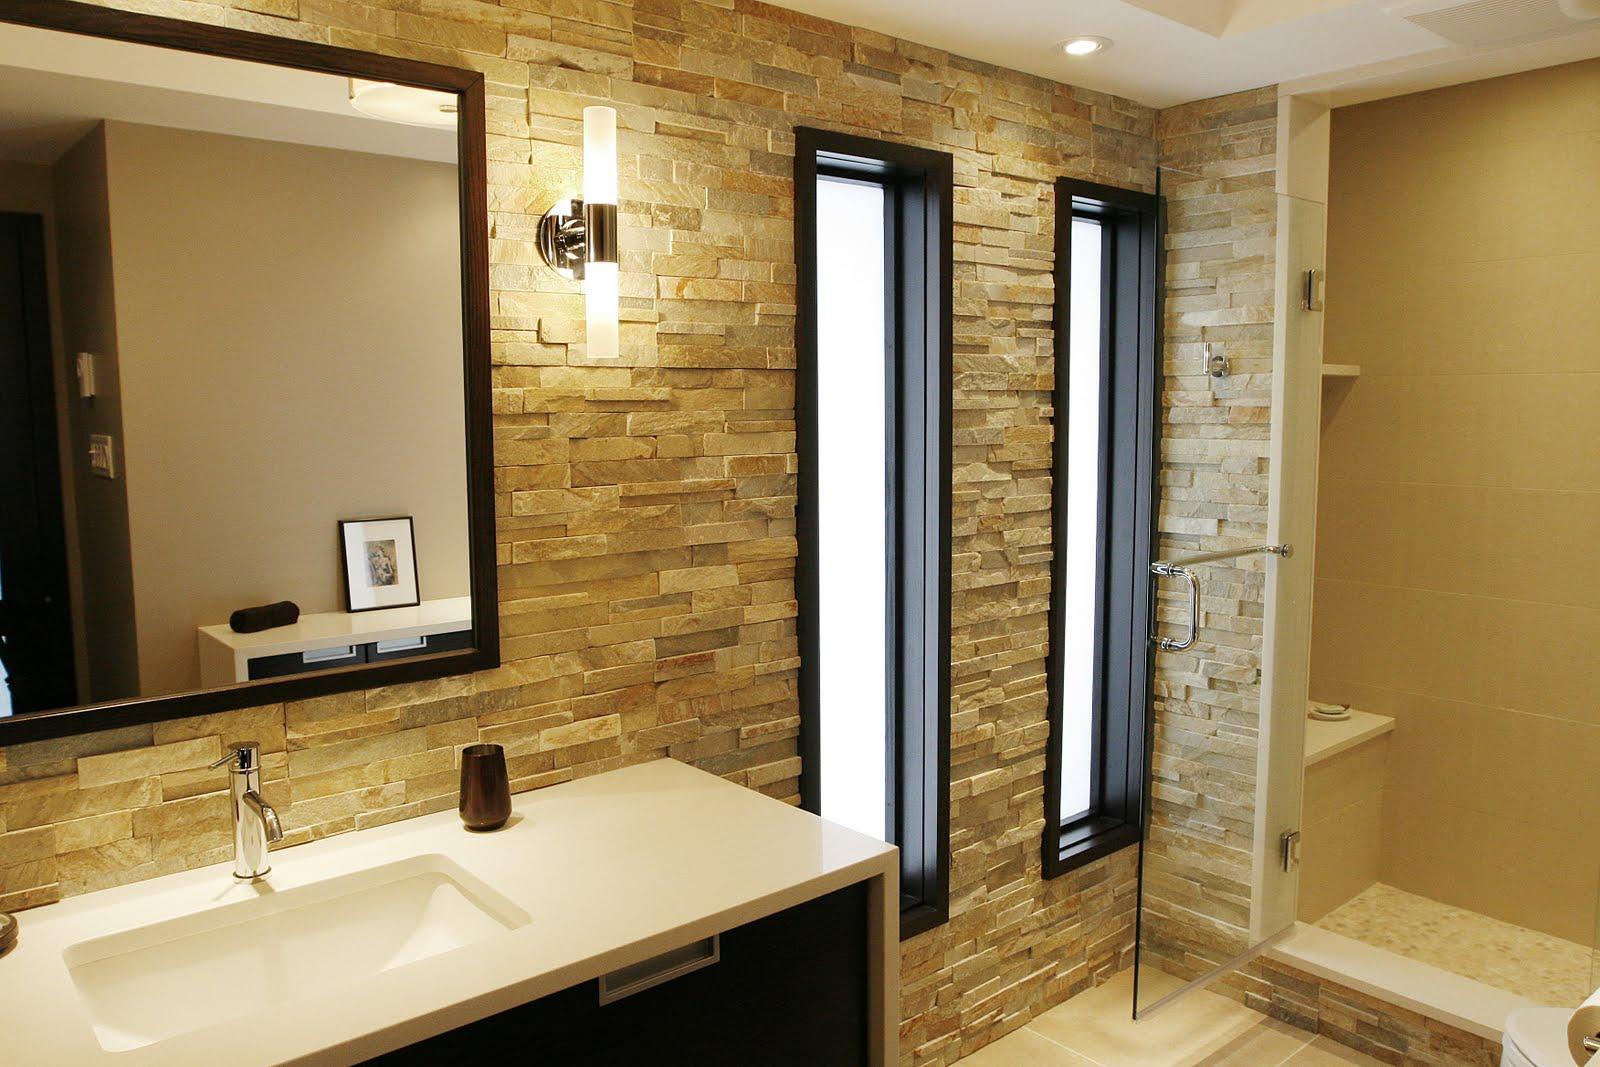 gemini kitchen and bathroom design ottawa. nkba ottawa: and the winner is .. gemini kitchen bathroom design ottawa r